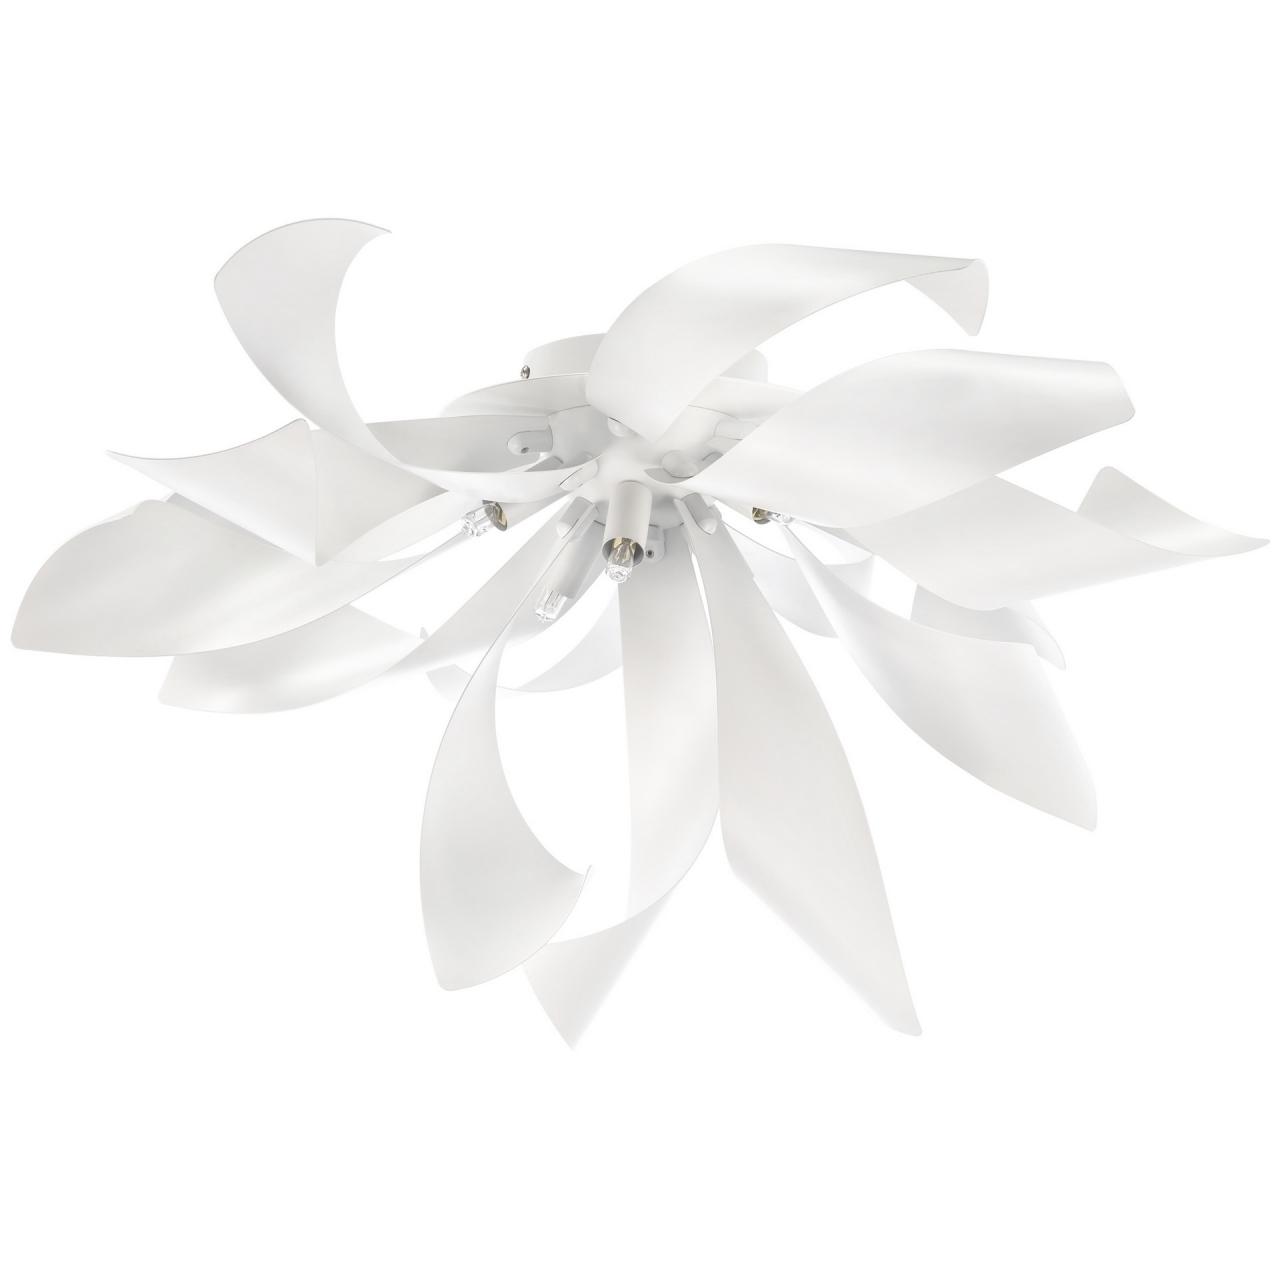 Люстра потолочная Turbio 6Х40W G9 матовая белая Lightstar 754166